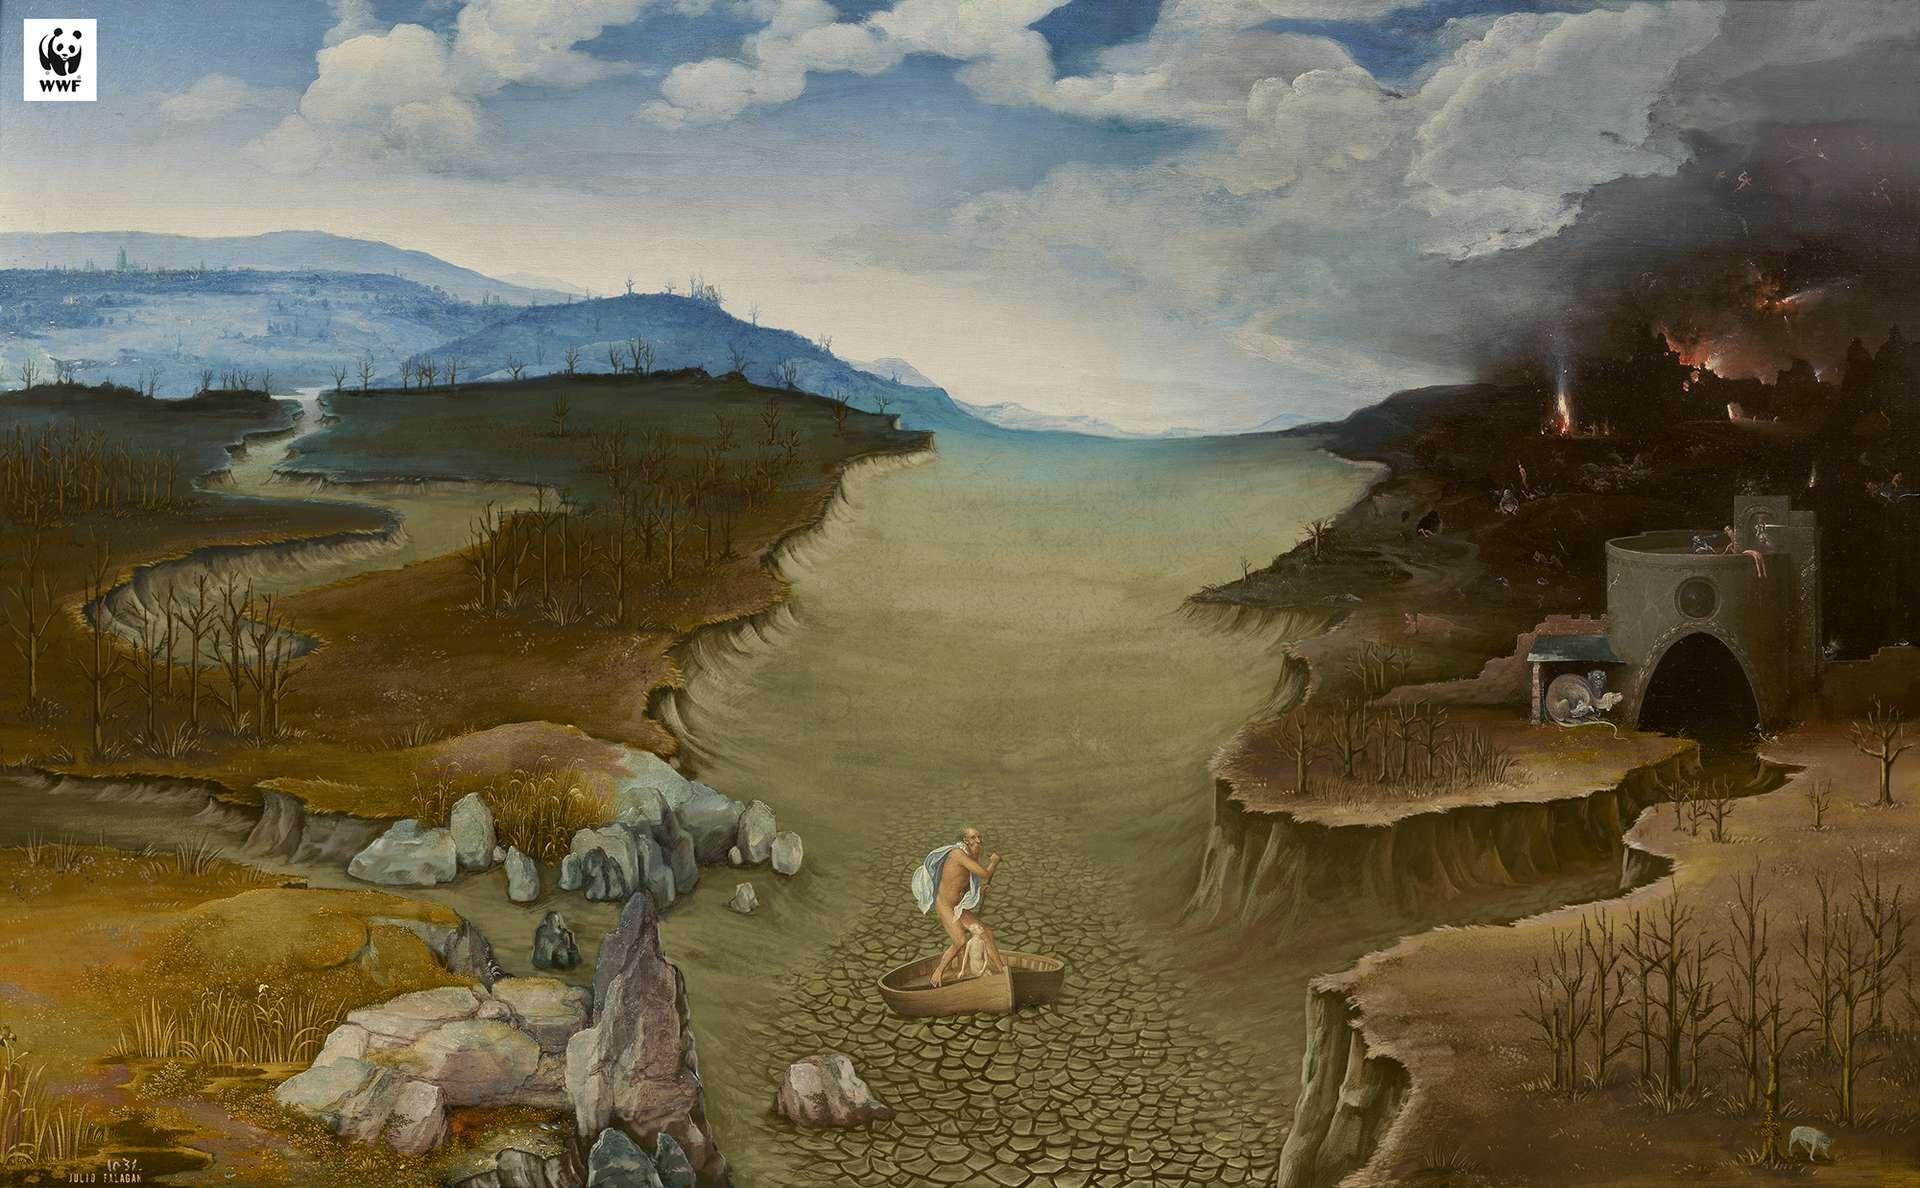 La Traversée du Styx, de Joachim Patinier, après l'assèchement des fleuves et des cultures. © WWF Espagne